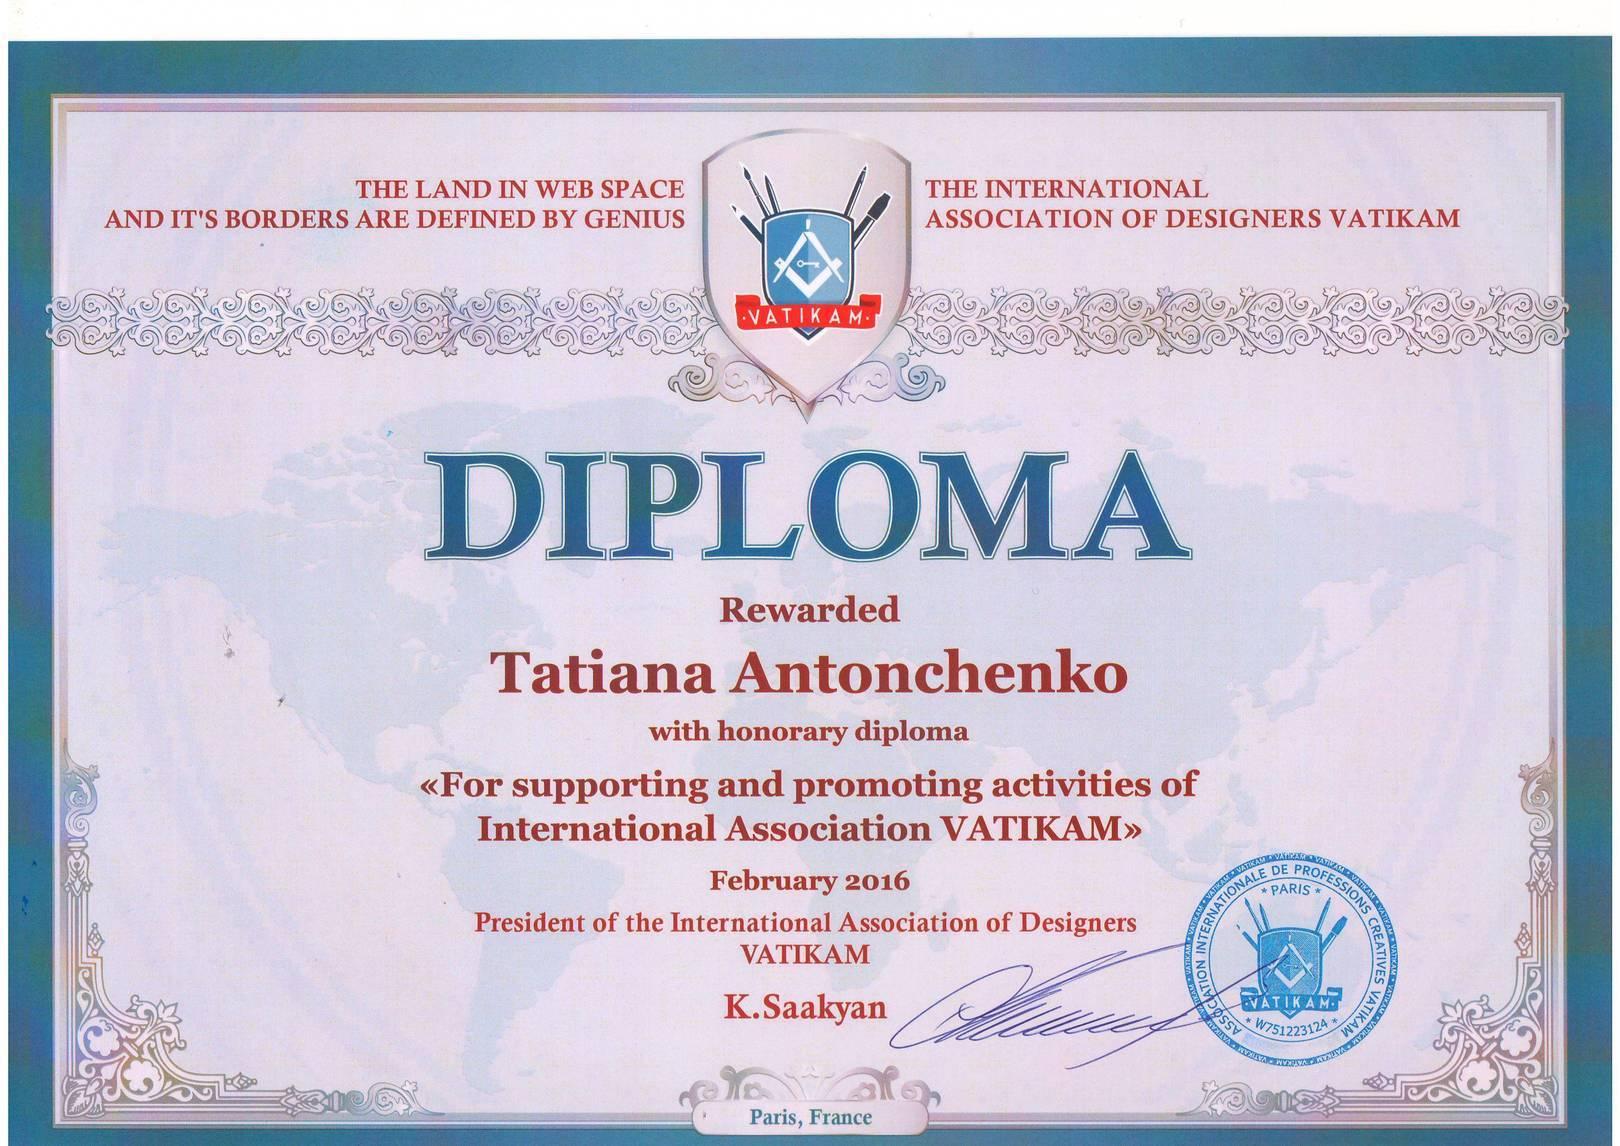 Огромная благодарность администрации Международной ассоциации VATIKAM за признательность!!